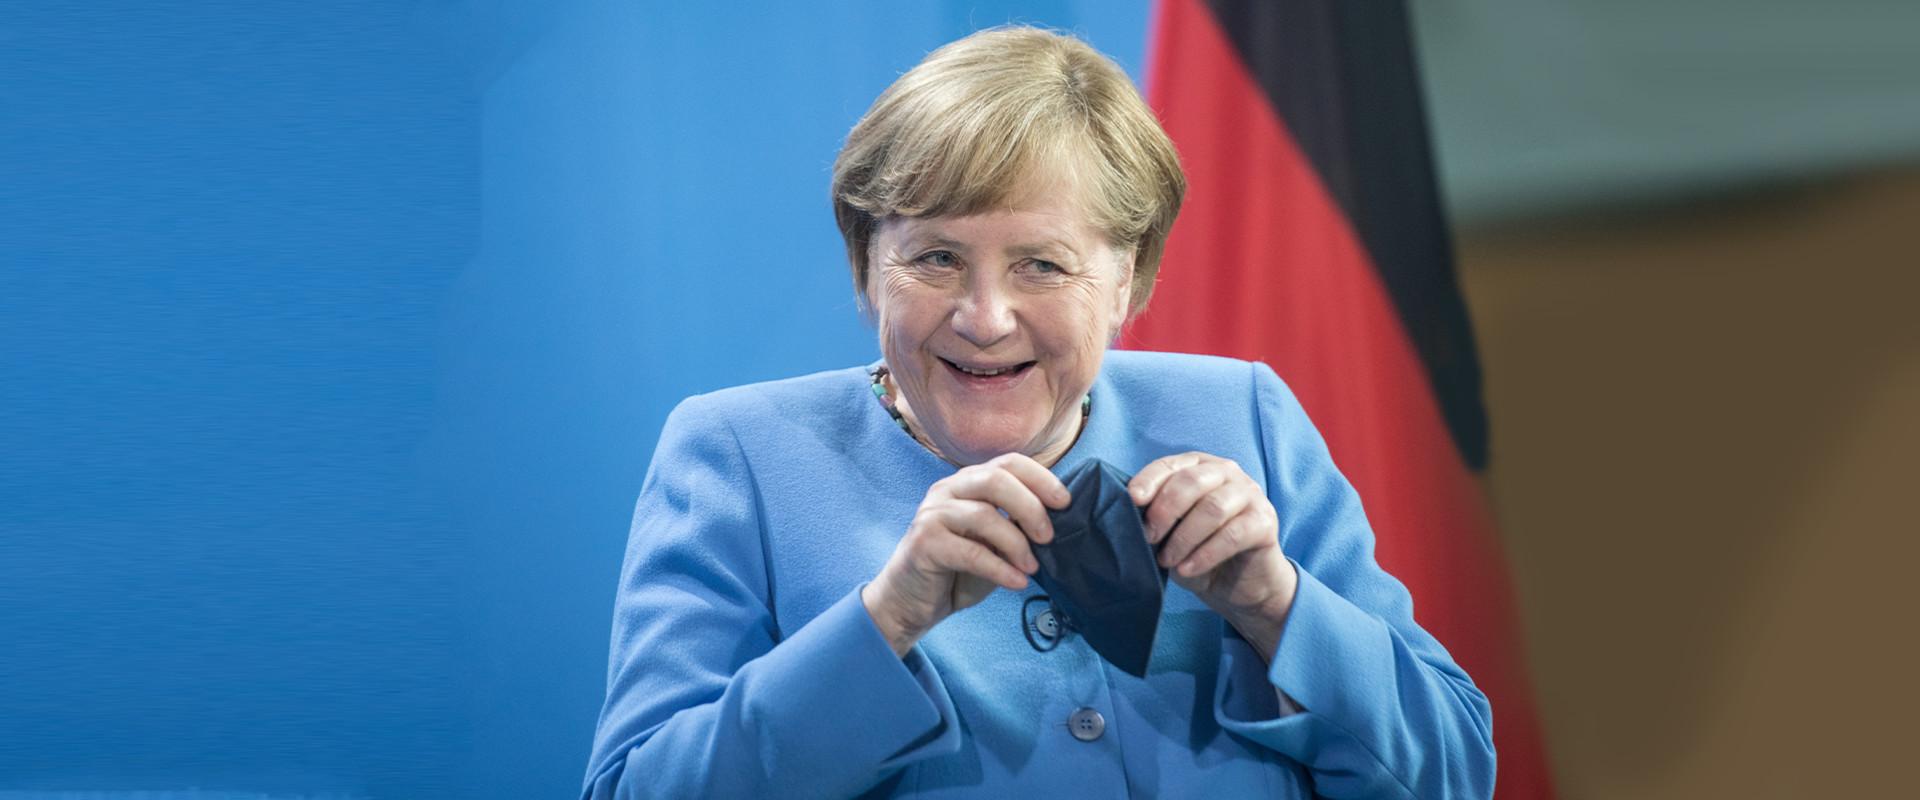 אנגלה מרקל, קנצלרית גרמניה (צילום: ap, reuters)